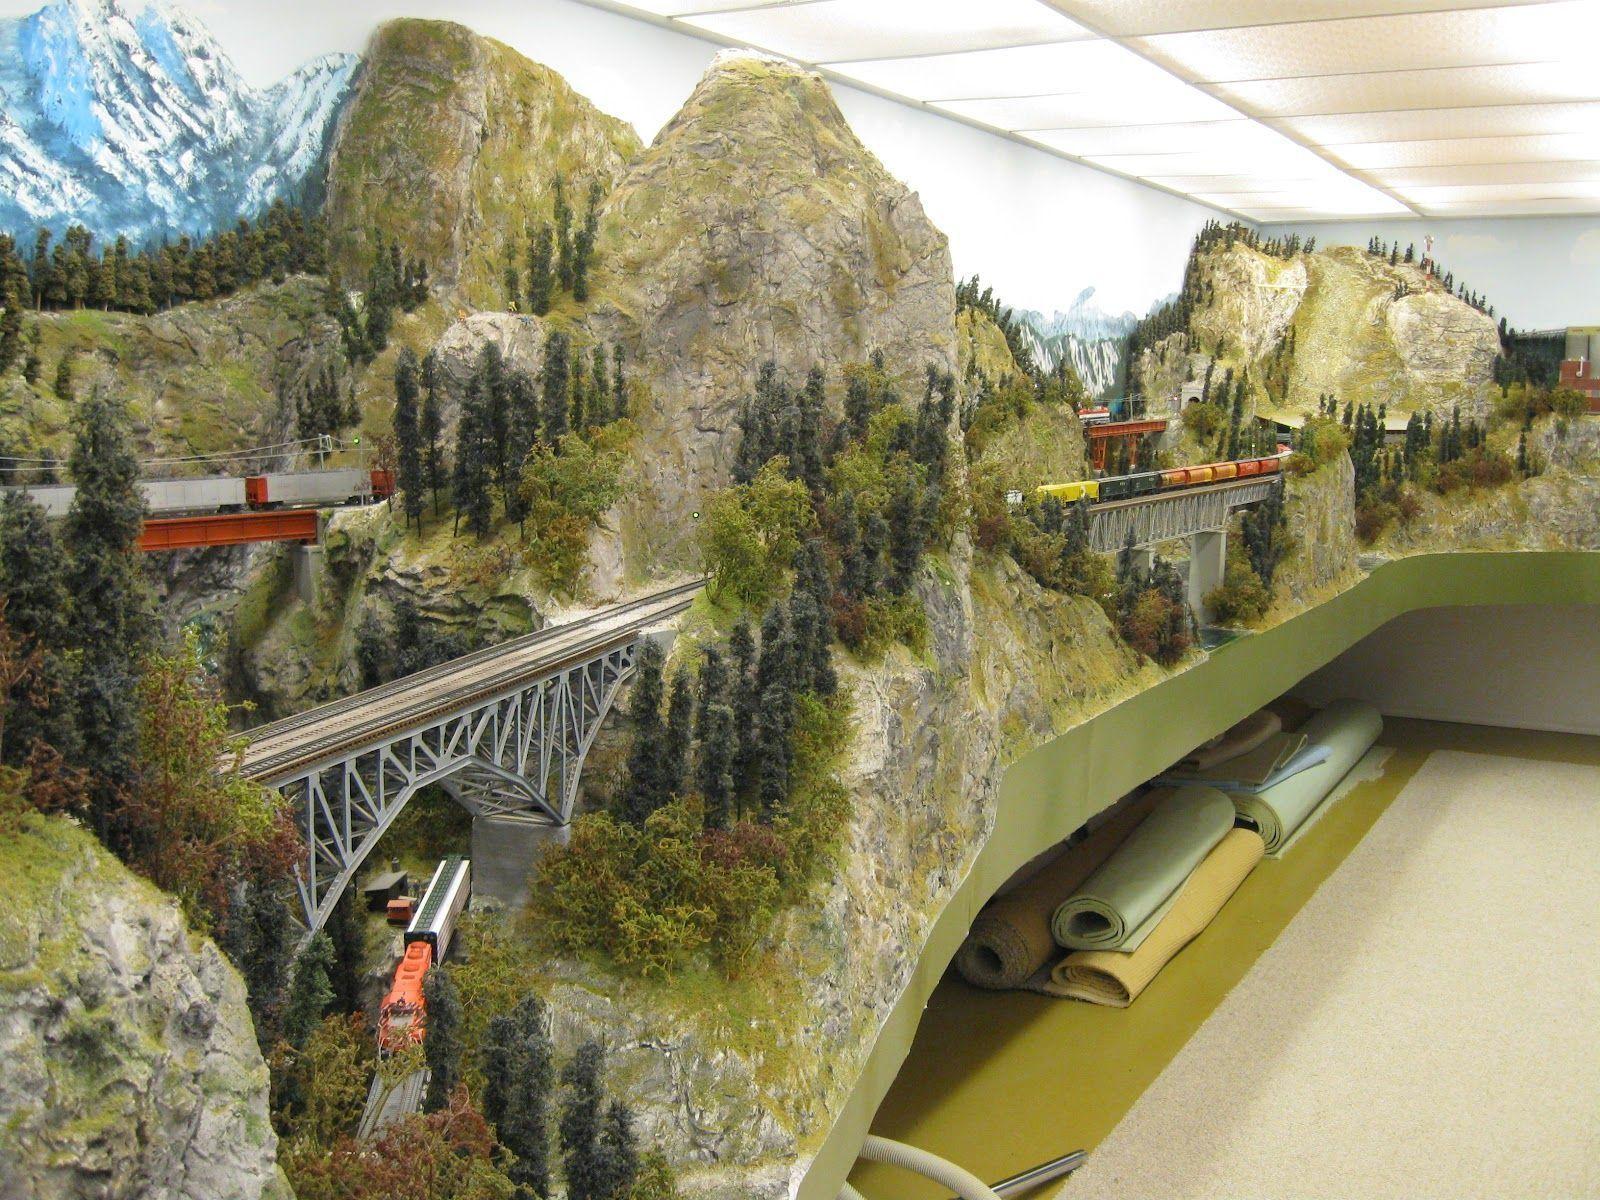 Pin by Jeff Baker on Model Railroading | Model train